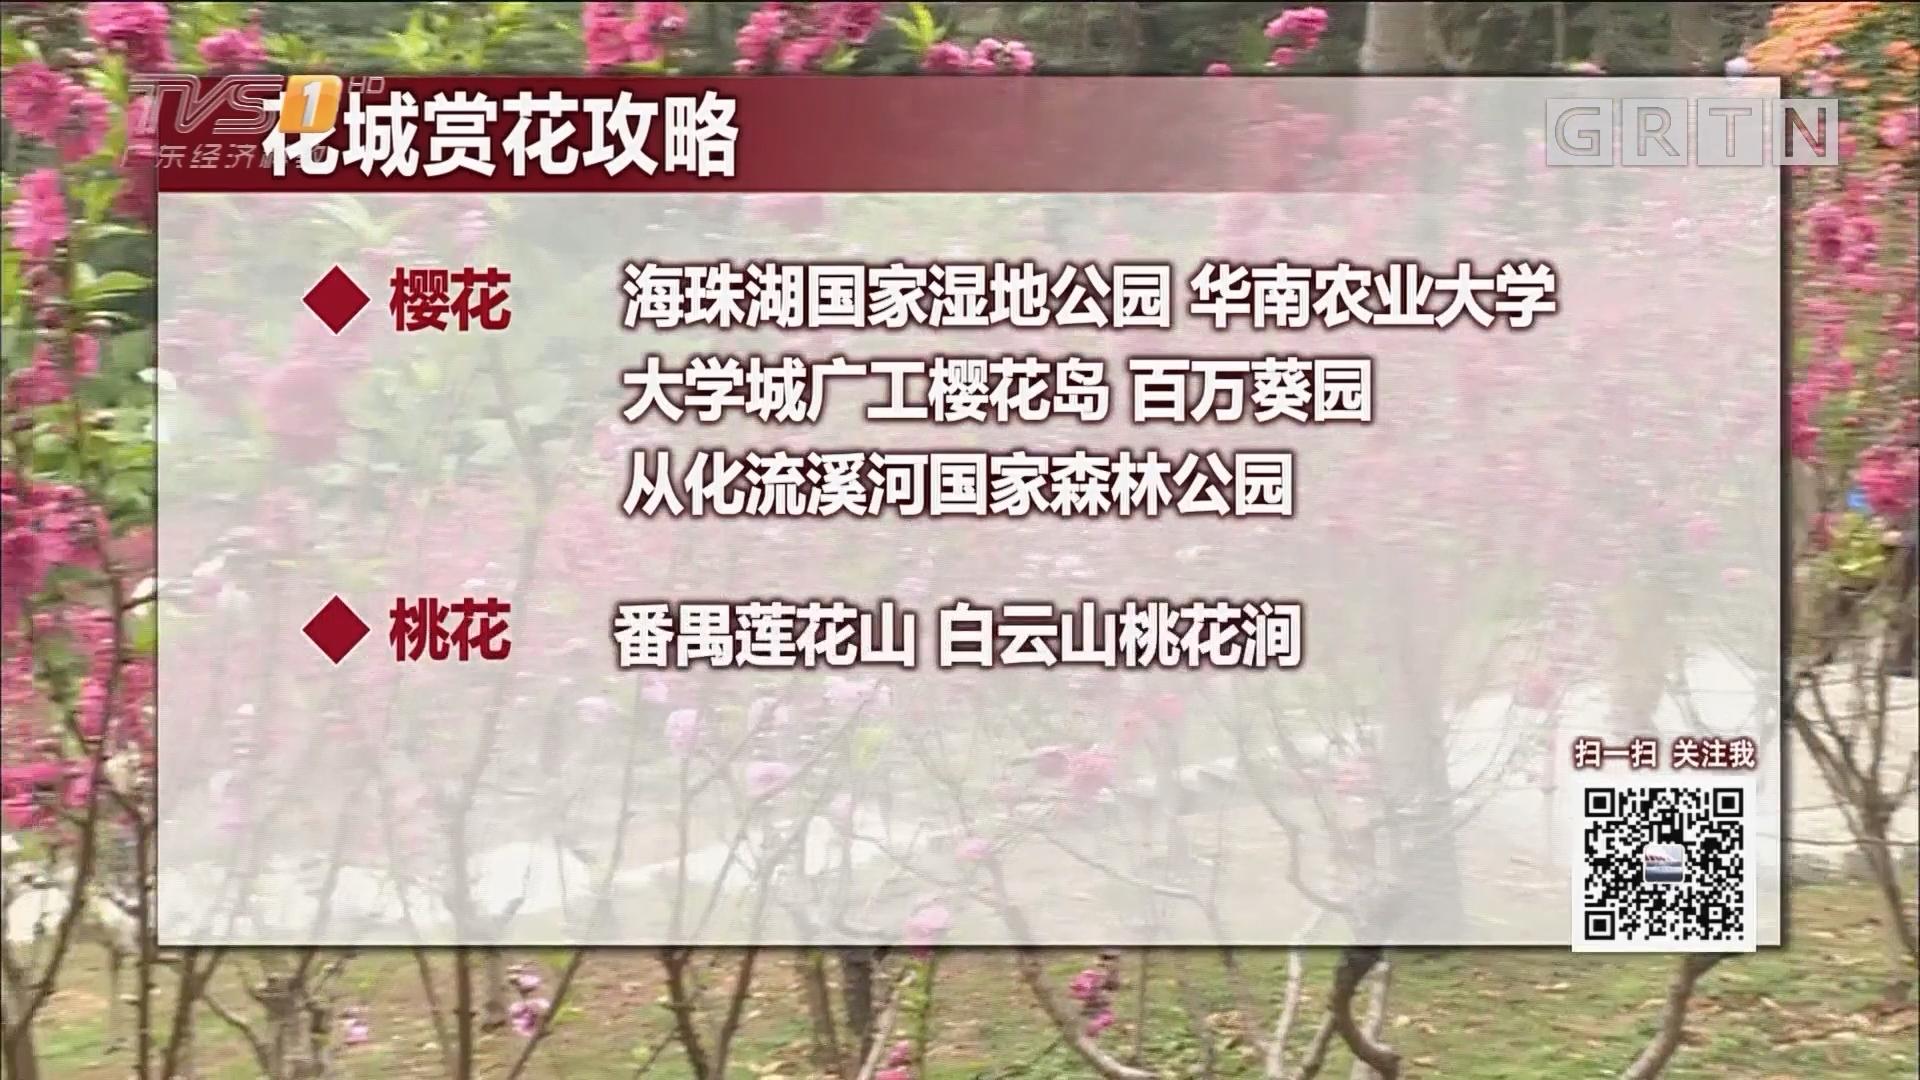 广州三月赏花季到来 这份赏花攻略请收好